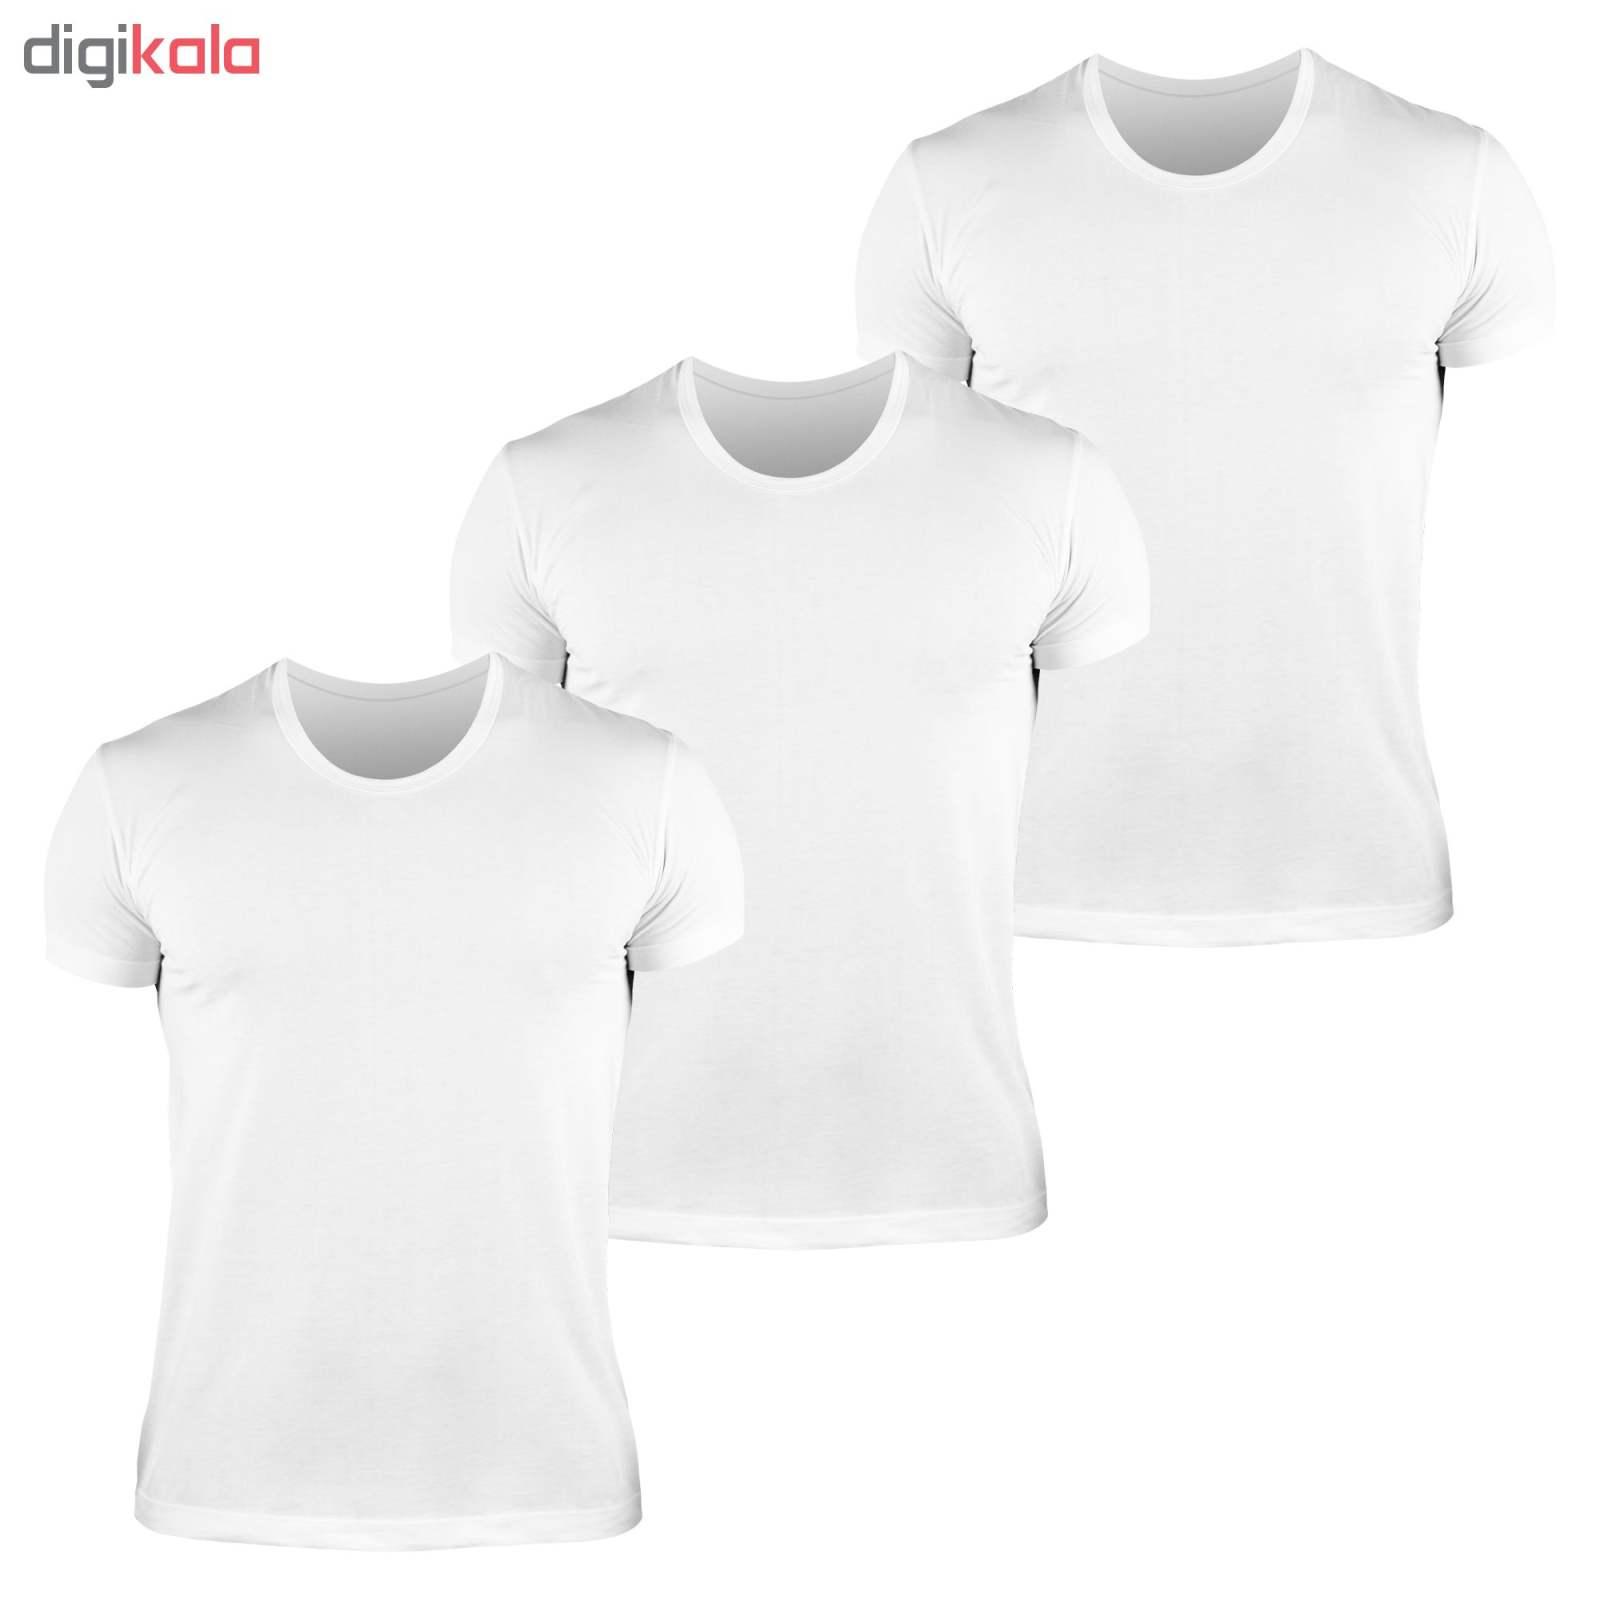 زیرپوش مردانه کیان تن پوش مدل U Neck Shirt Classic W مجموعه ۳ عددی main 1 1